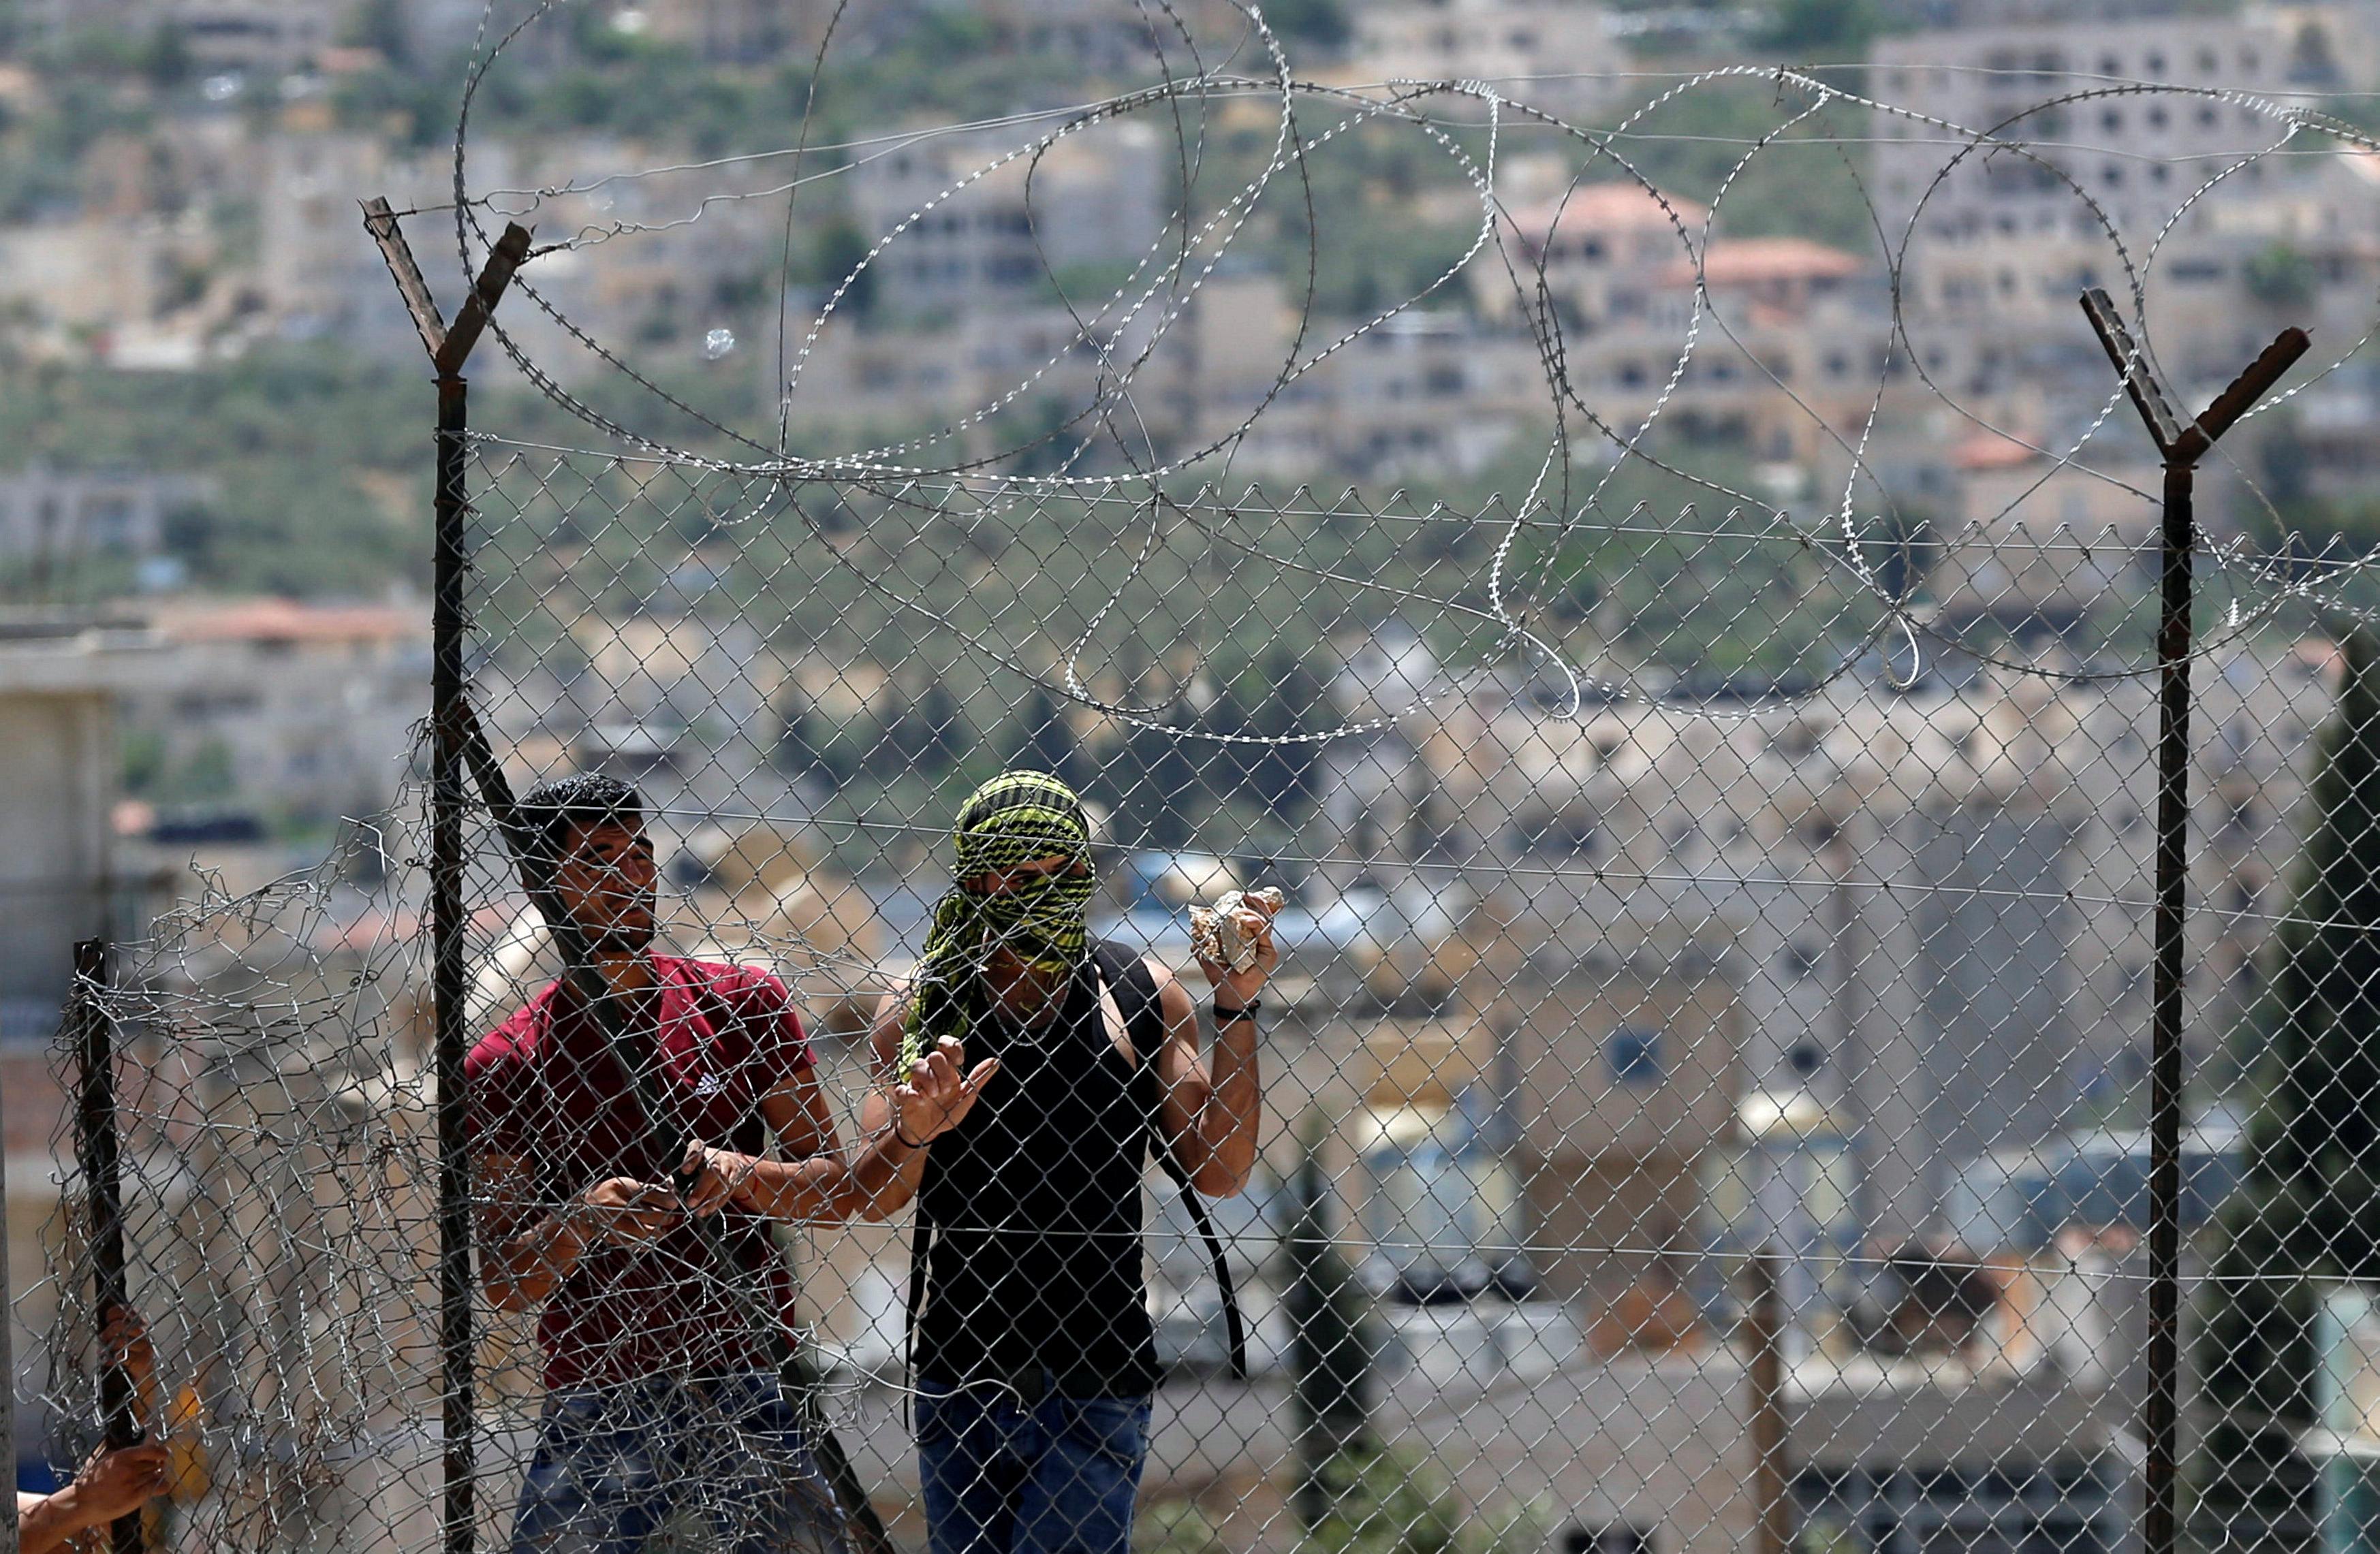 شباب خلف السياج الحديدى خلال مواجهة قوات الاحتلال